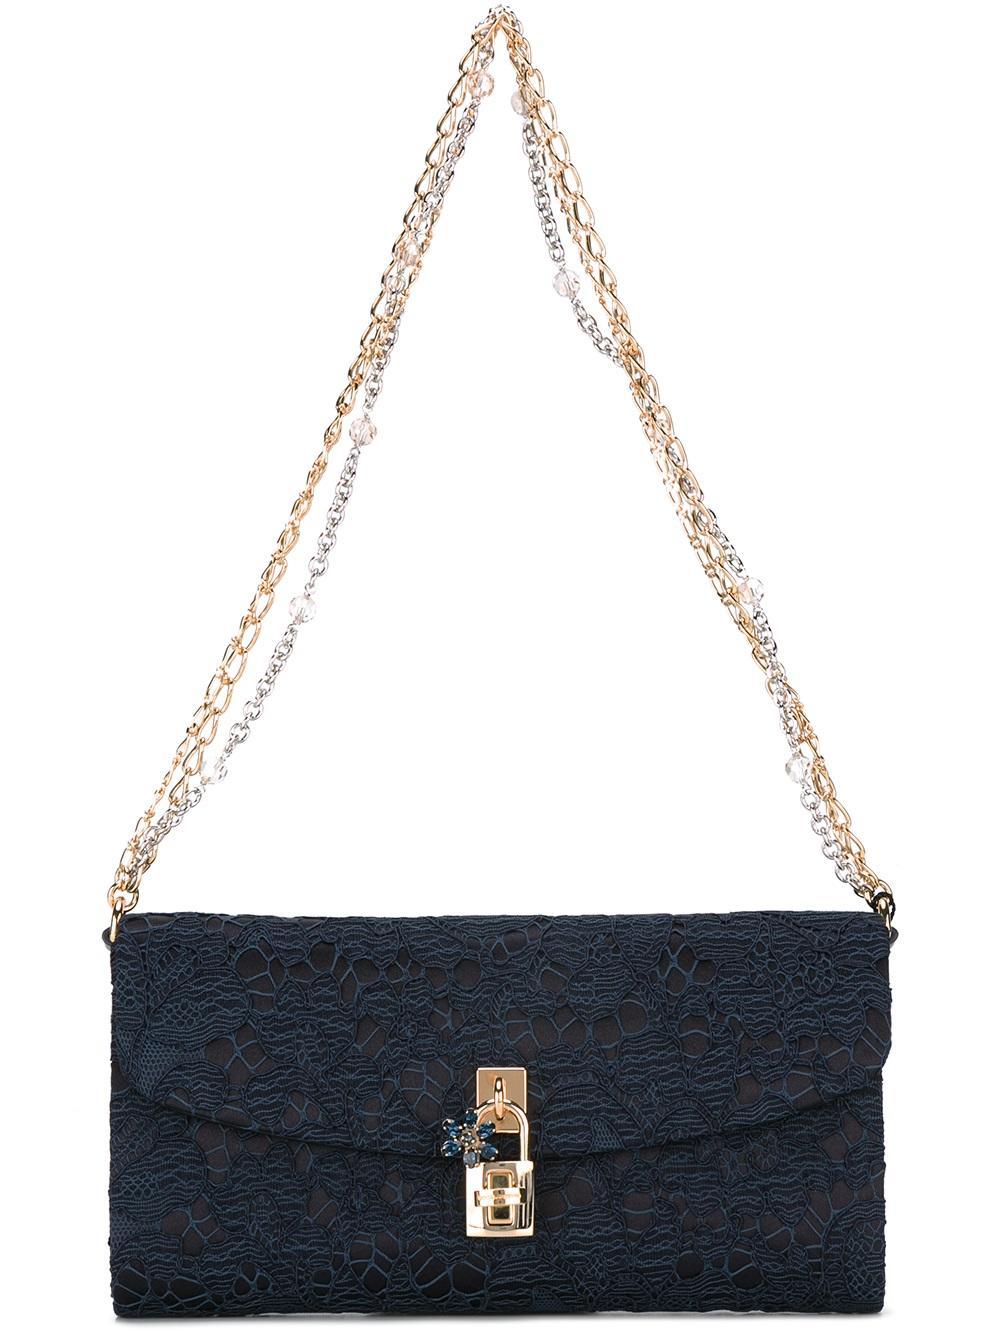 Dolce   Gabbana Dolce Shoulder Bag   ThisNext a0d6192901